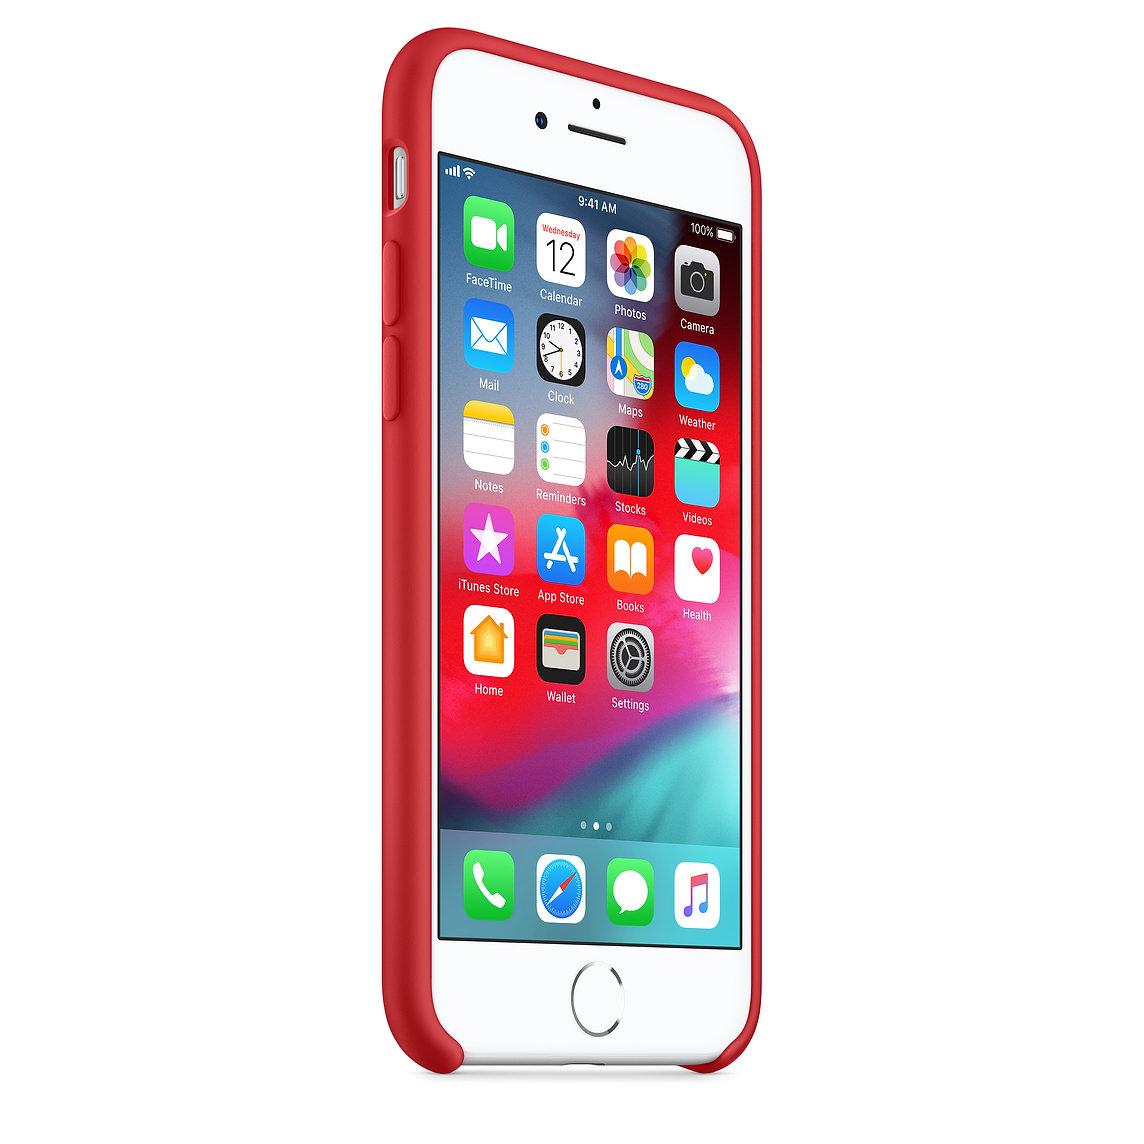 Apple silikónový obal pre iPhone 7 / 8 - červený 2